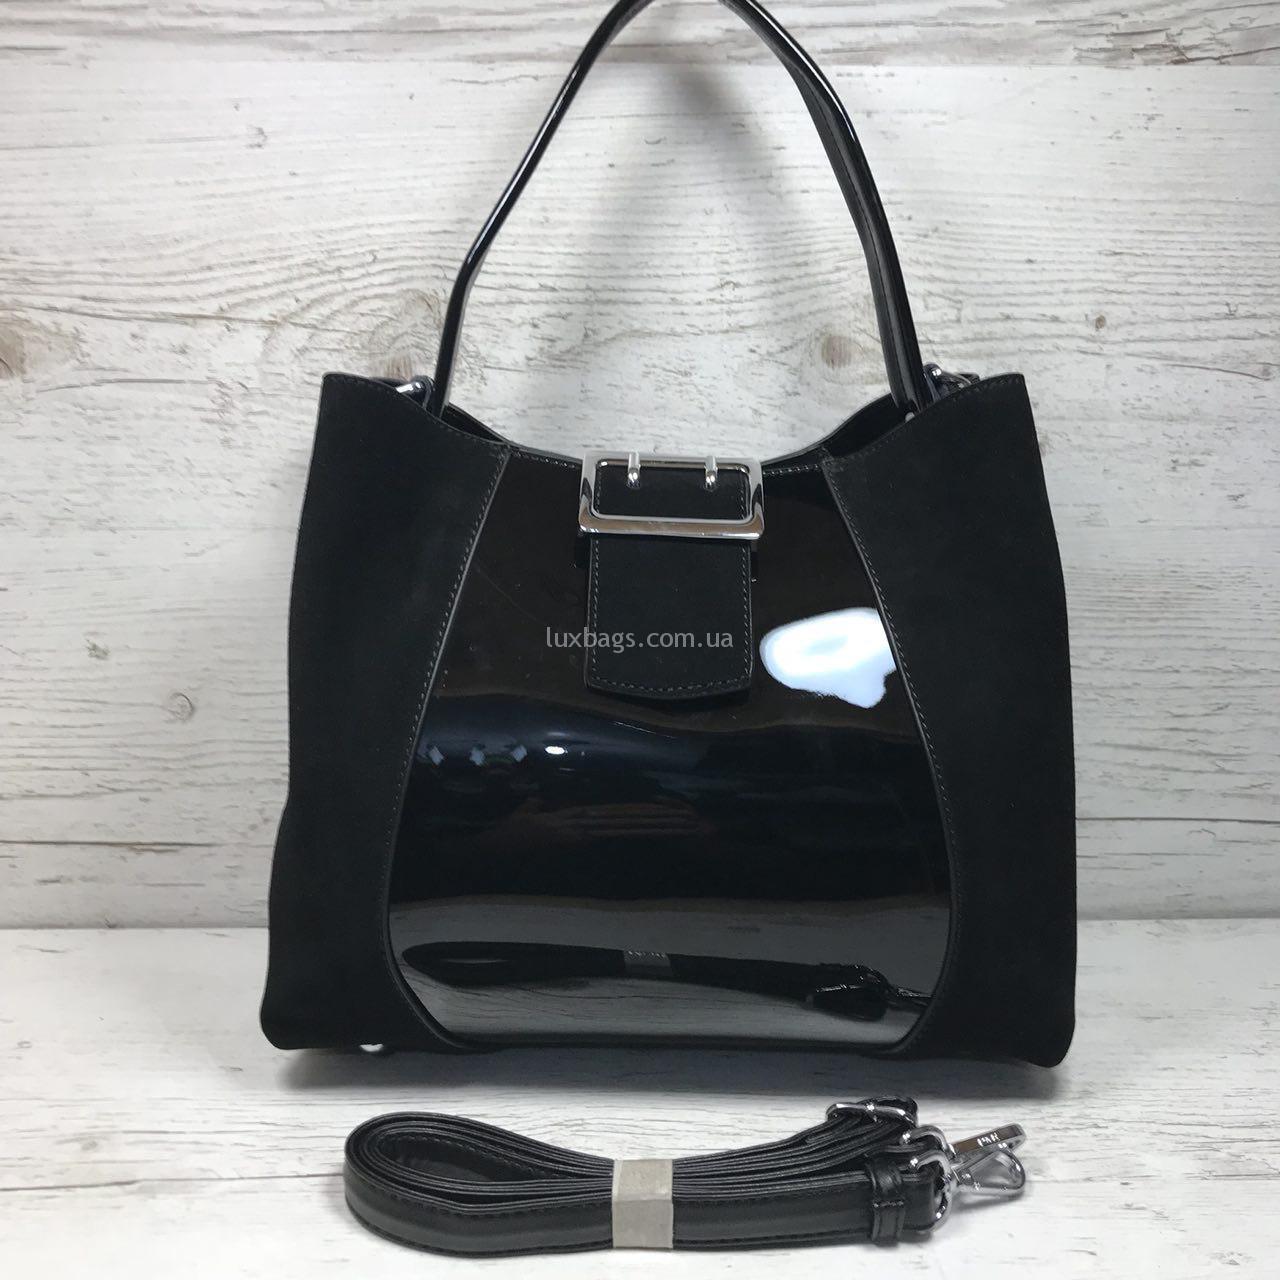 d3b1519b9e35 Купить Замшевую сумку Недорого в Интернет Магазине lux-bags